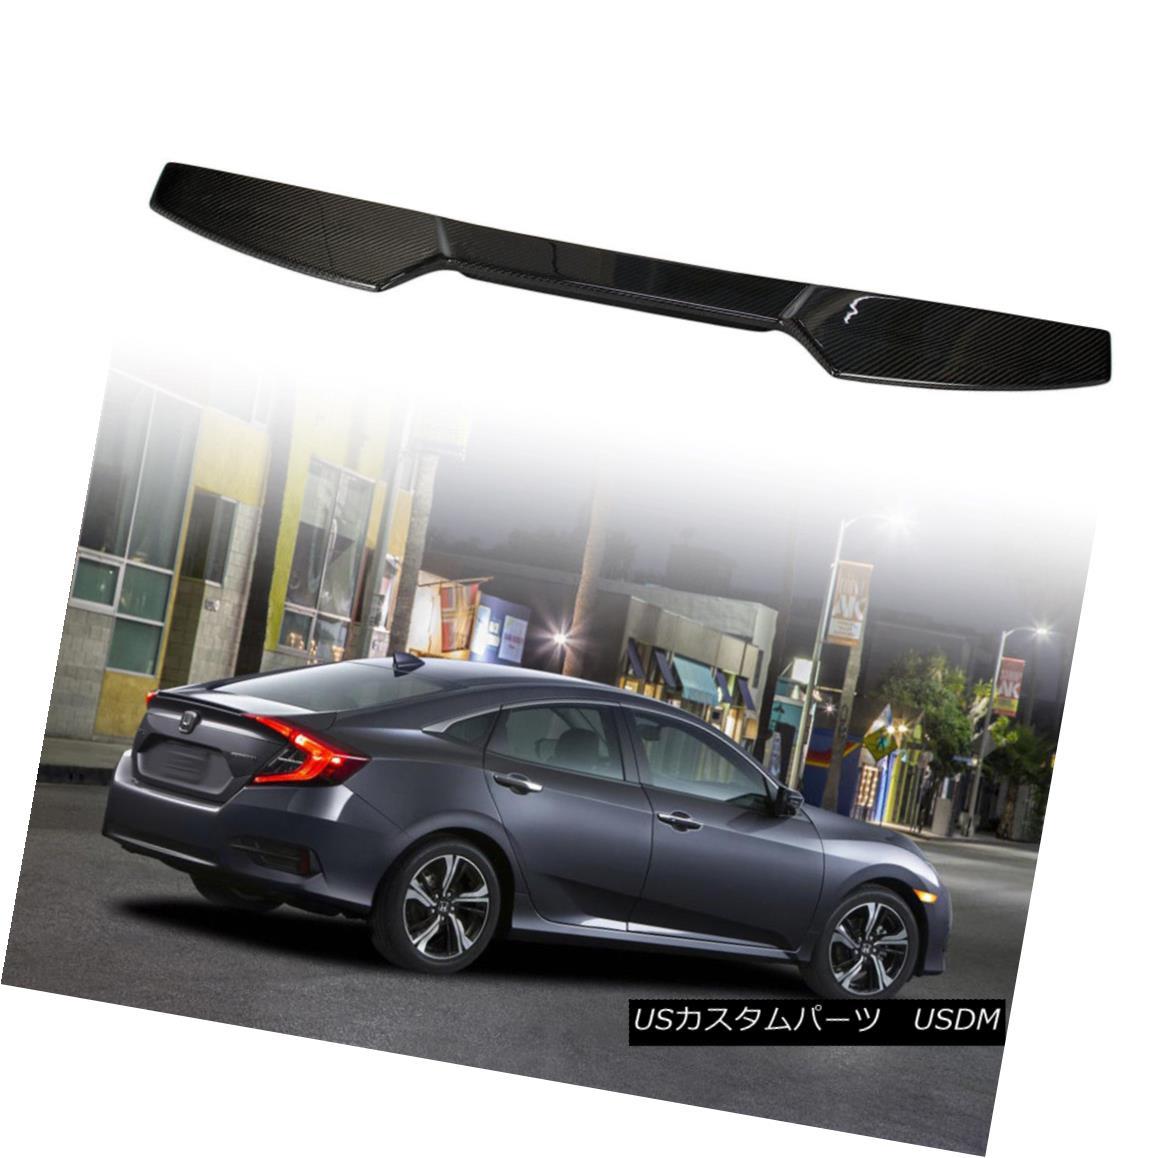 エアロパーツ Roof Spoiler Wing Real Carbon Fiber For Honda Civic 4 Door V Type 10th Sedan ホンダシビック4ドアV型10thセダン用ルーフスポイラーウイングリアルカーボンファイバー